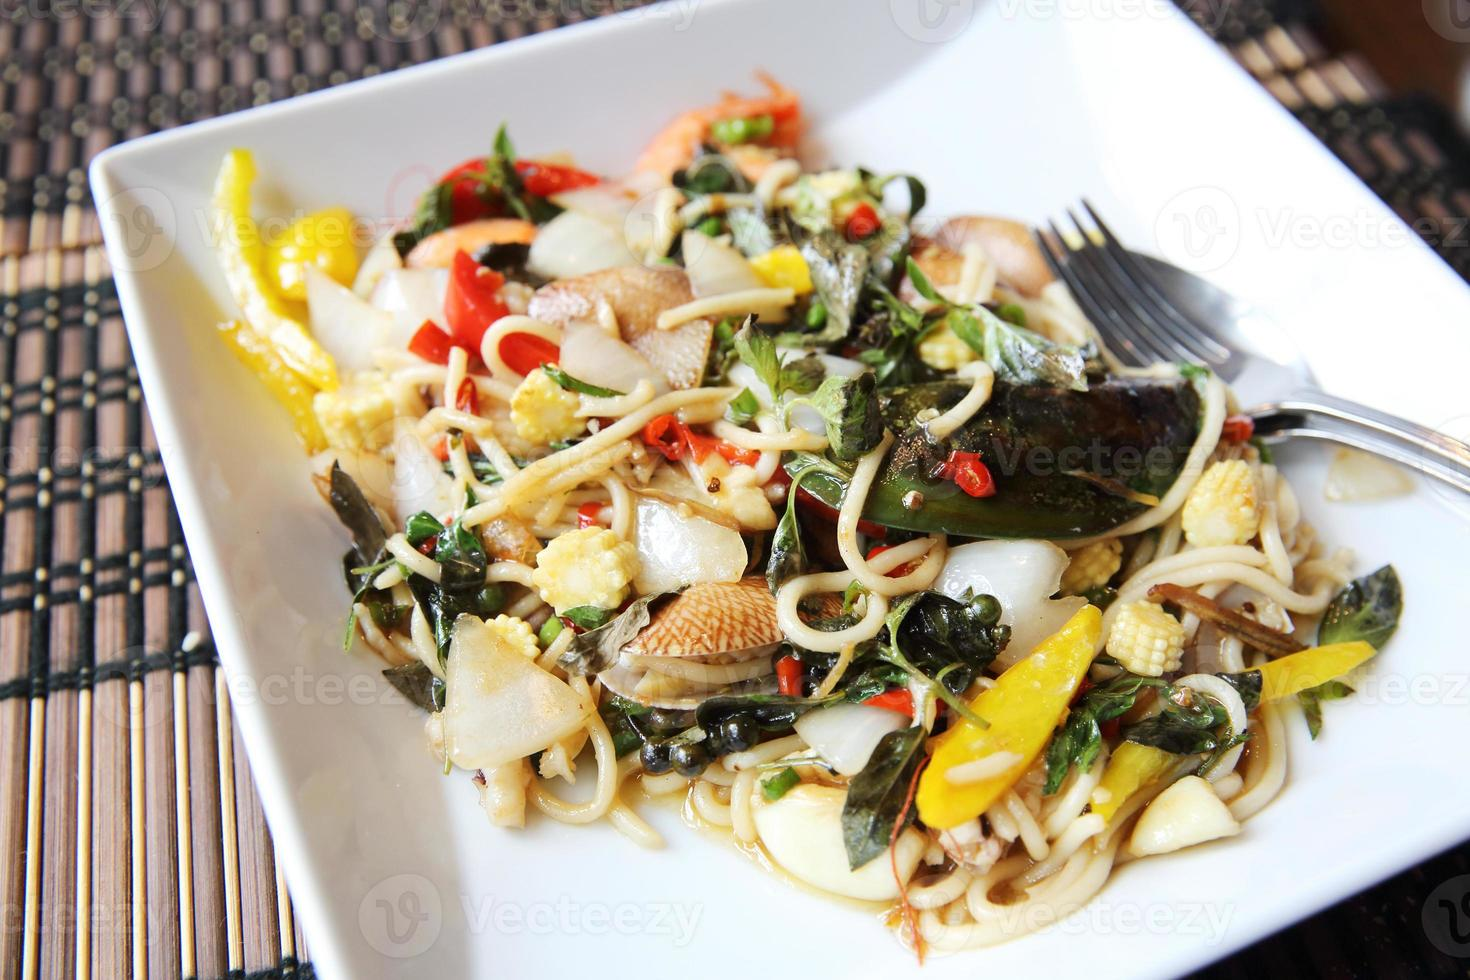 Spaghetti würzige Meeresfrüchte nach thailändischer Art foto